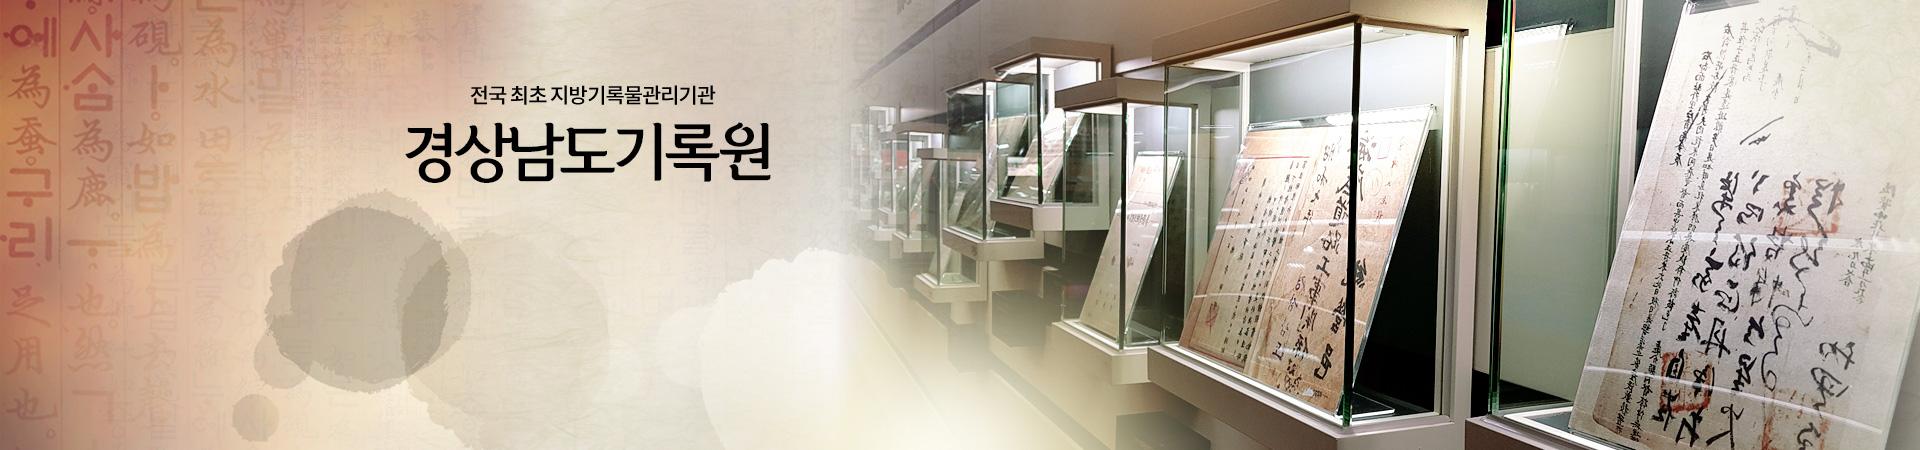 전국 최초 지방영구기록물관리기관. 경상남도기록원